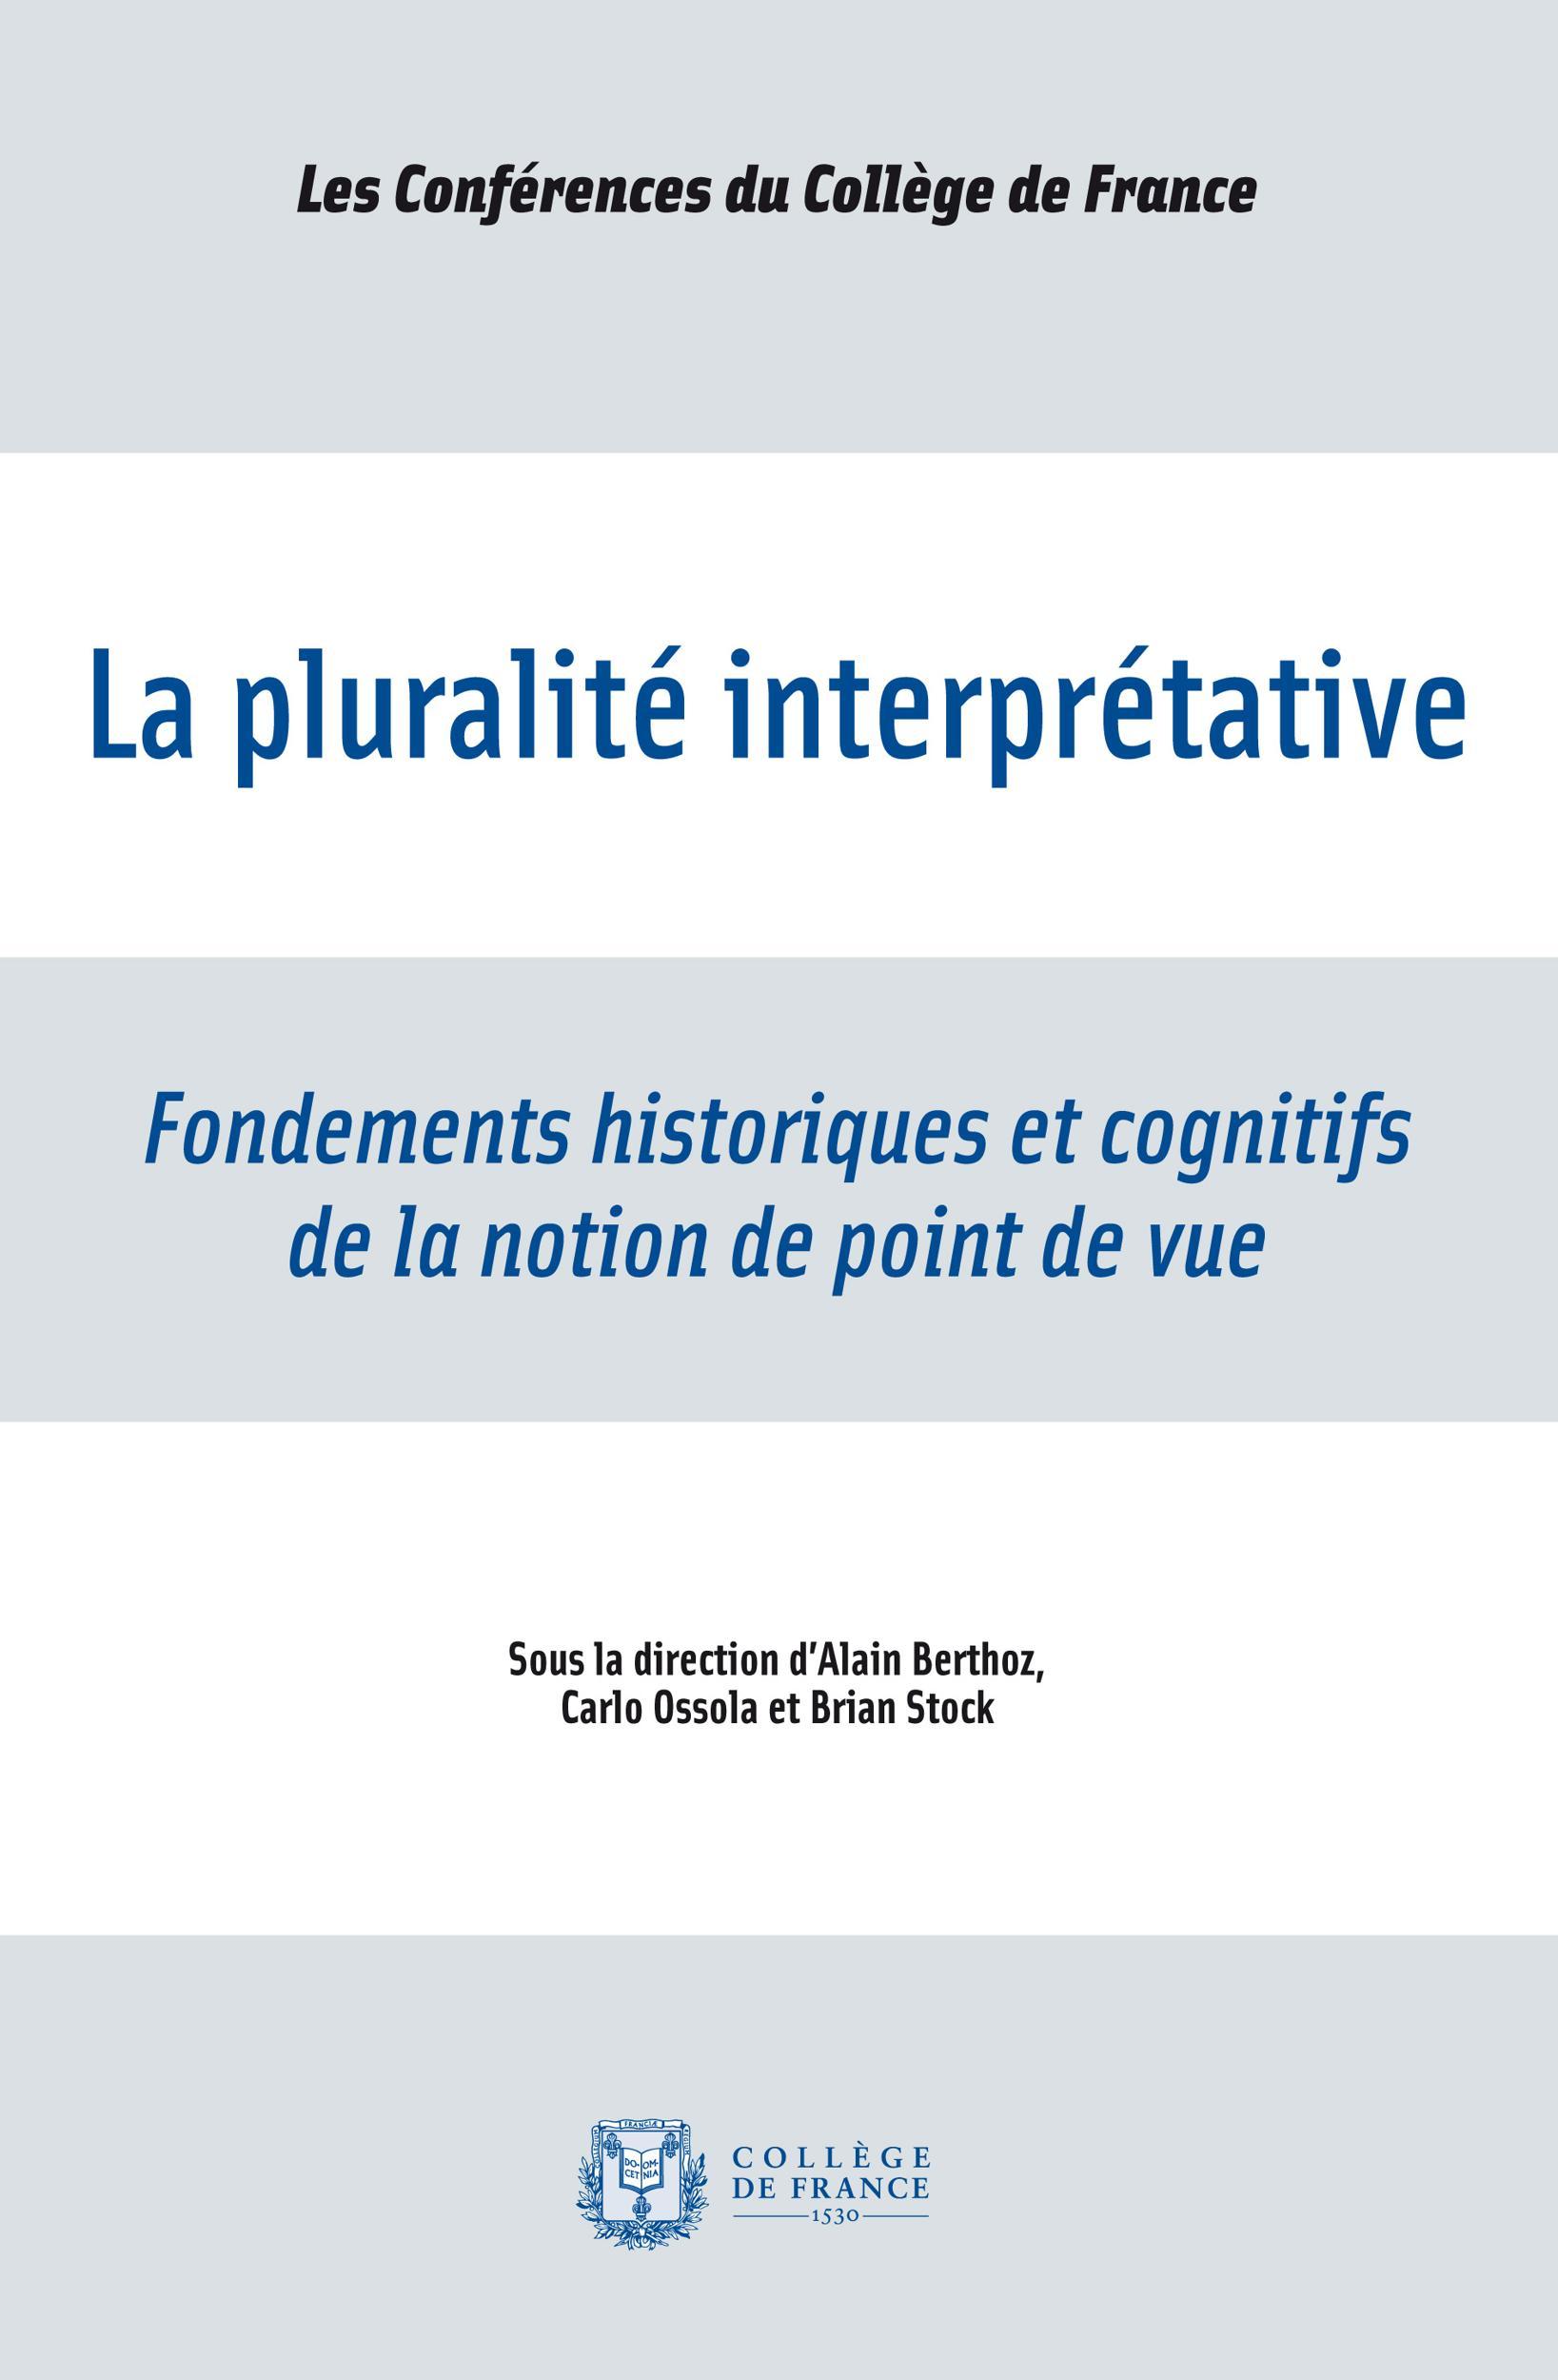 La pluralité interprétative, FONDEMENTS HISTORIQUES ET COGNITIFS DE LA NOTION DE POINT DE VUE